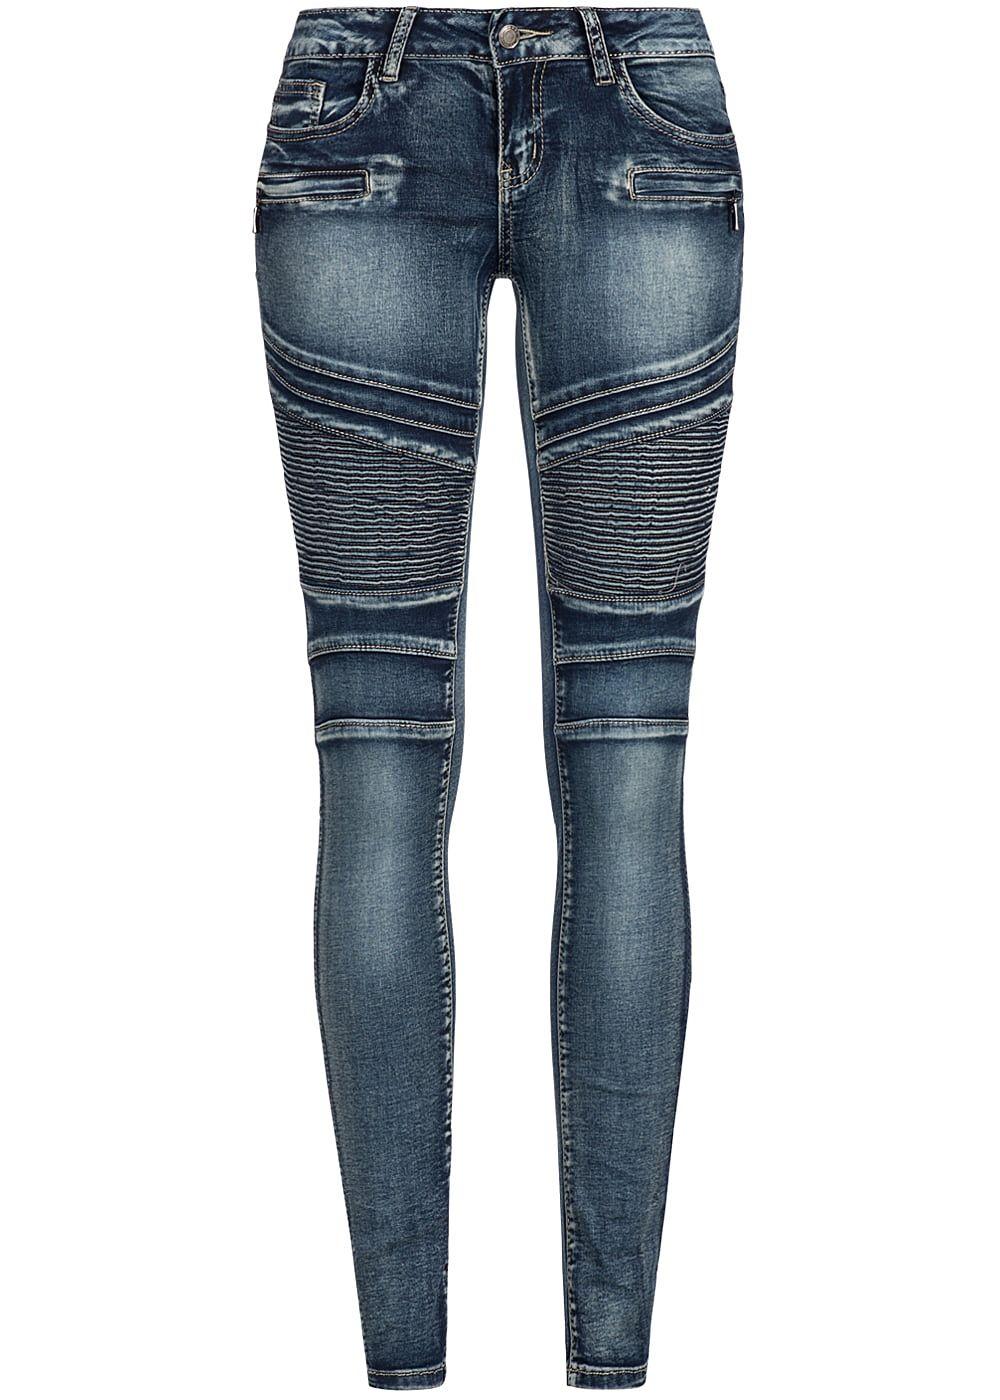 seventyseven lifestyle damen biker jeans hose 5 pockets 2 deko zipper dunkel blau den 77onlineshop. Black Bedroom Furniture Sets. Home Design Ideas